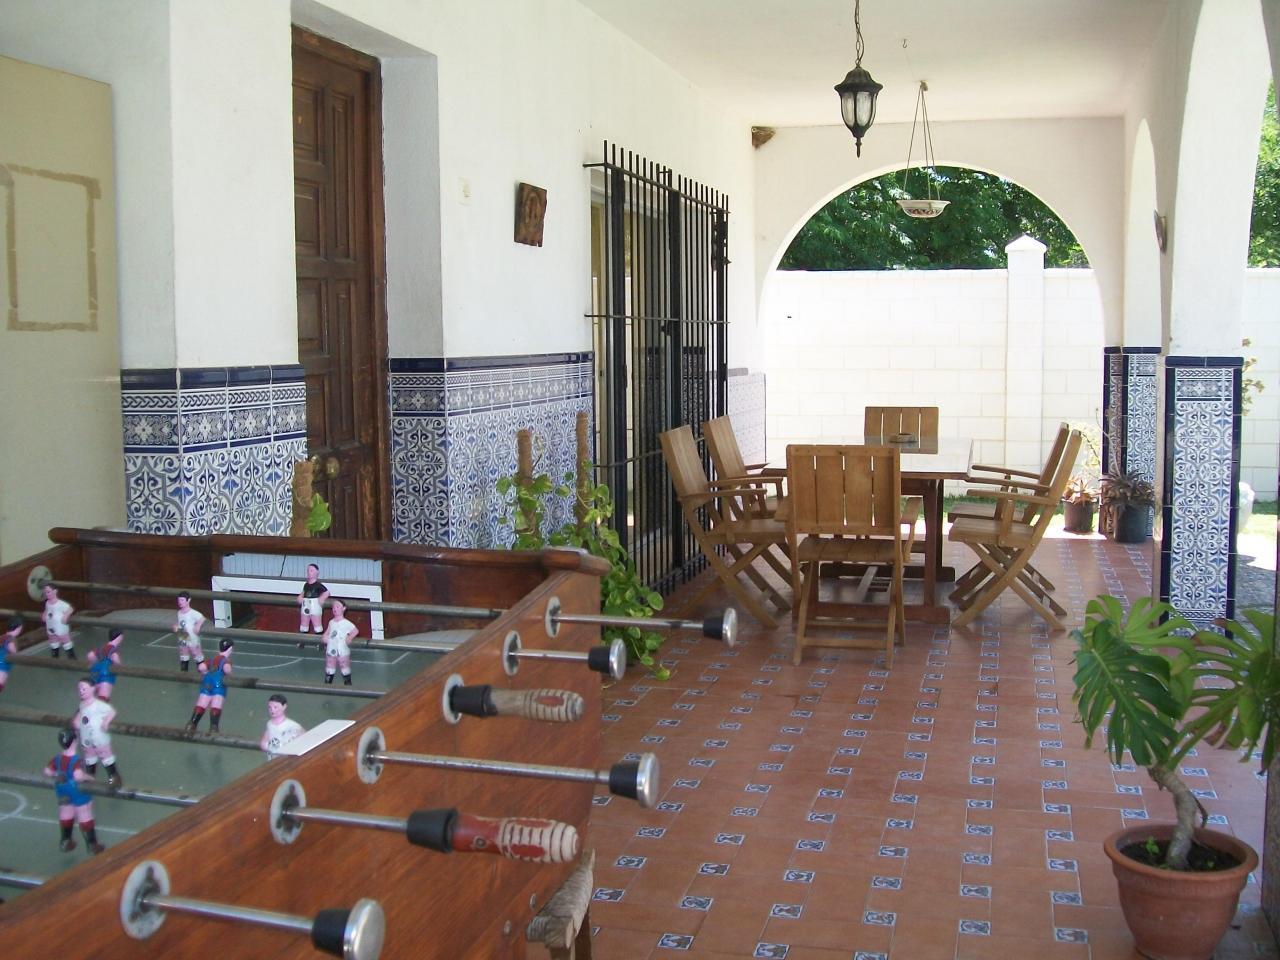 Apartamento para vacaciones Arcos de la Frontera, Cádiz